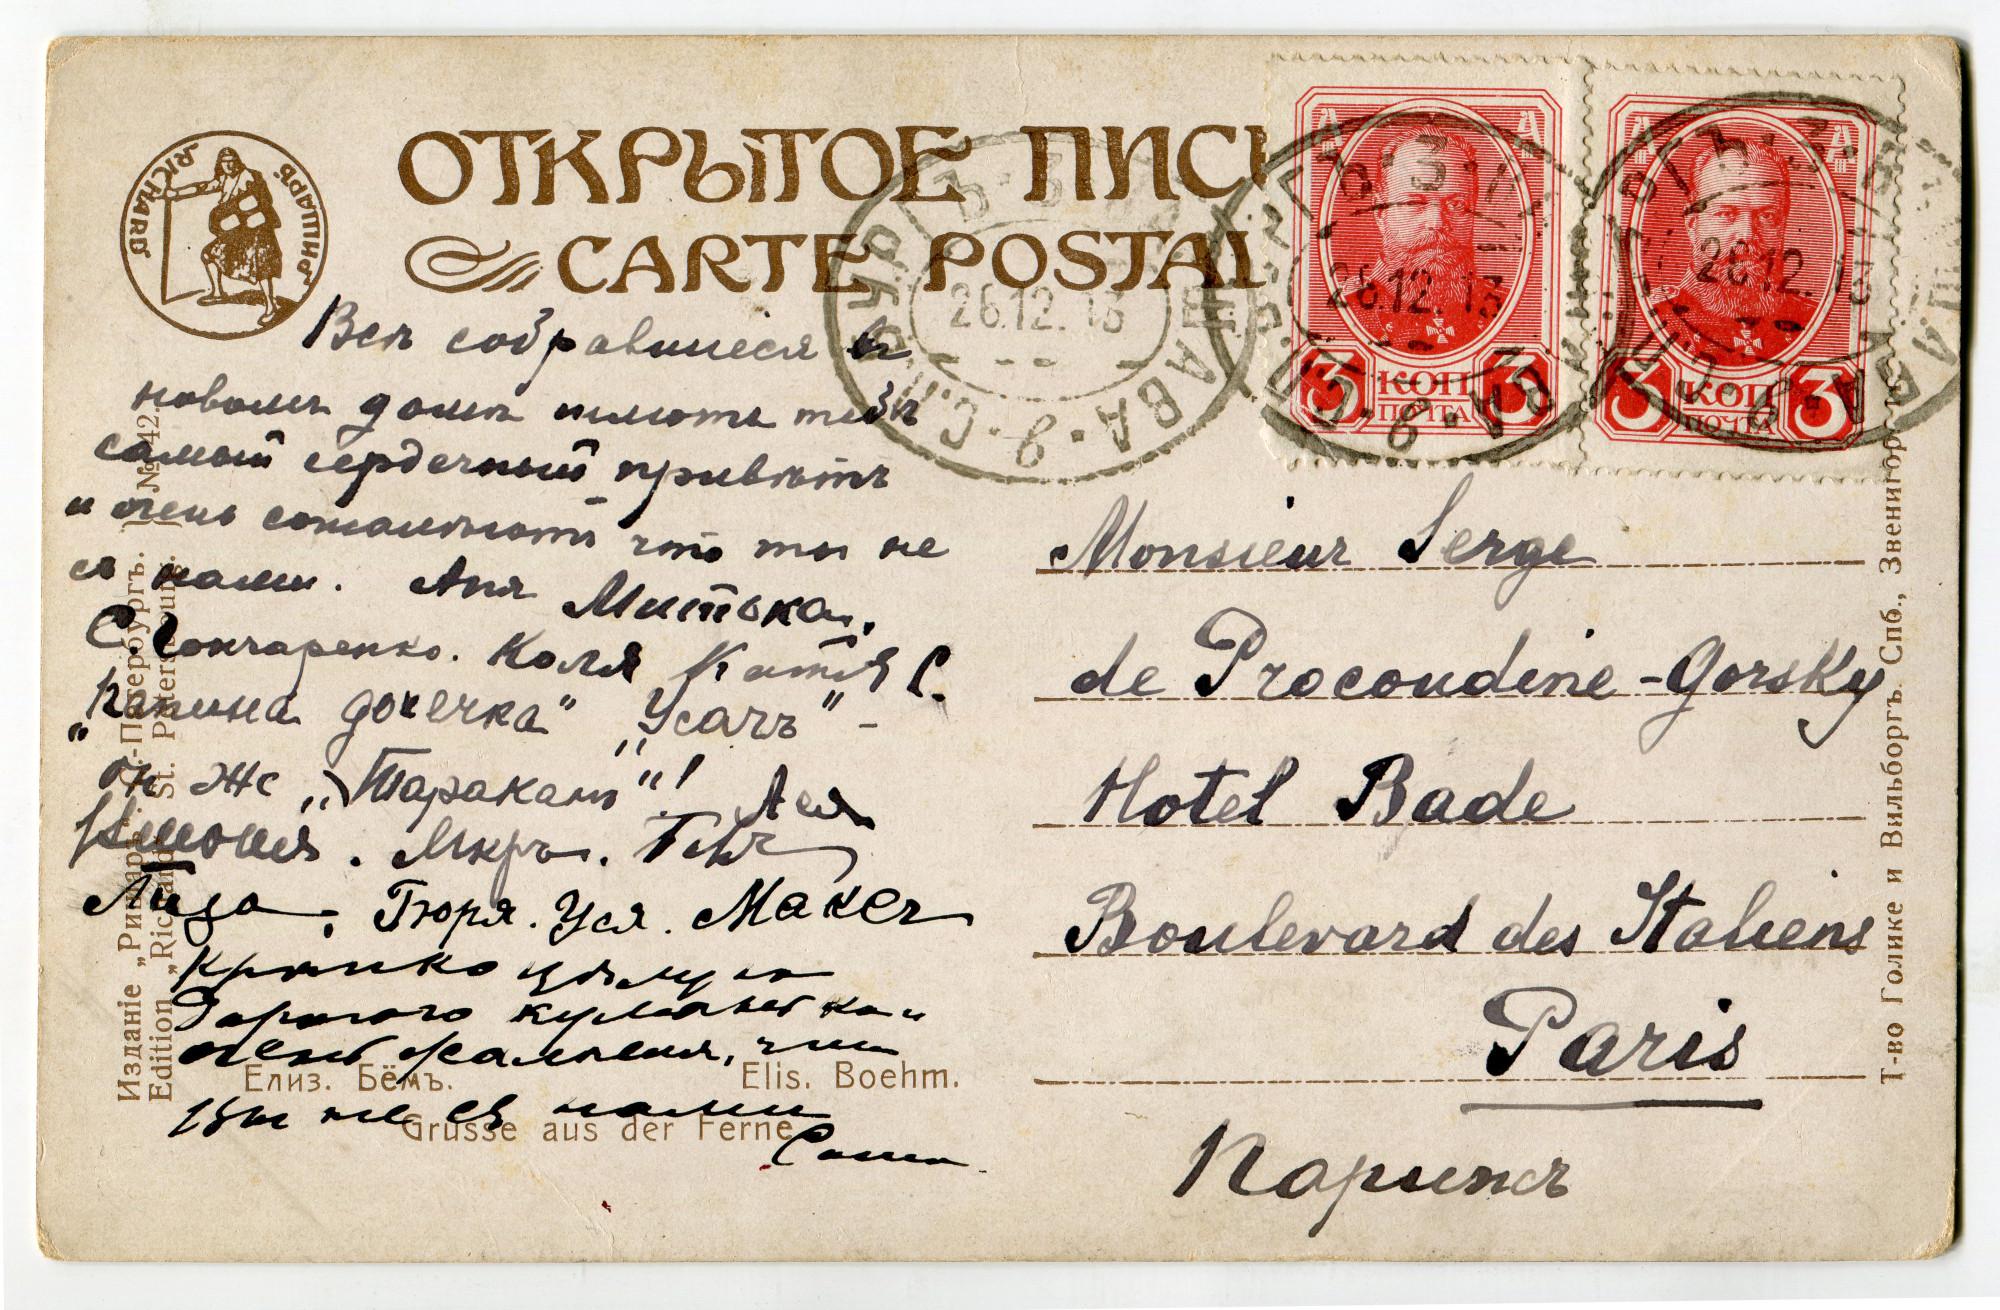 1913 открытка в Париж Прокудину-Горскому